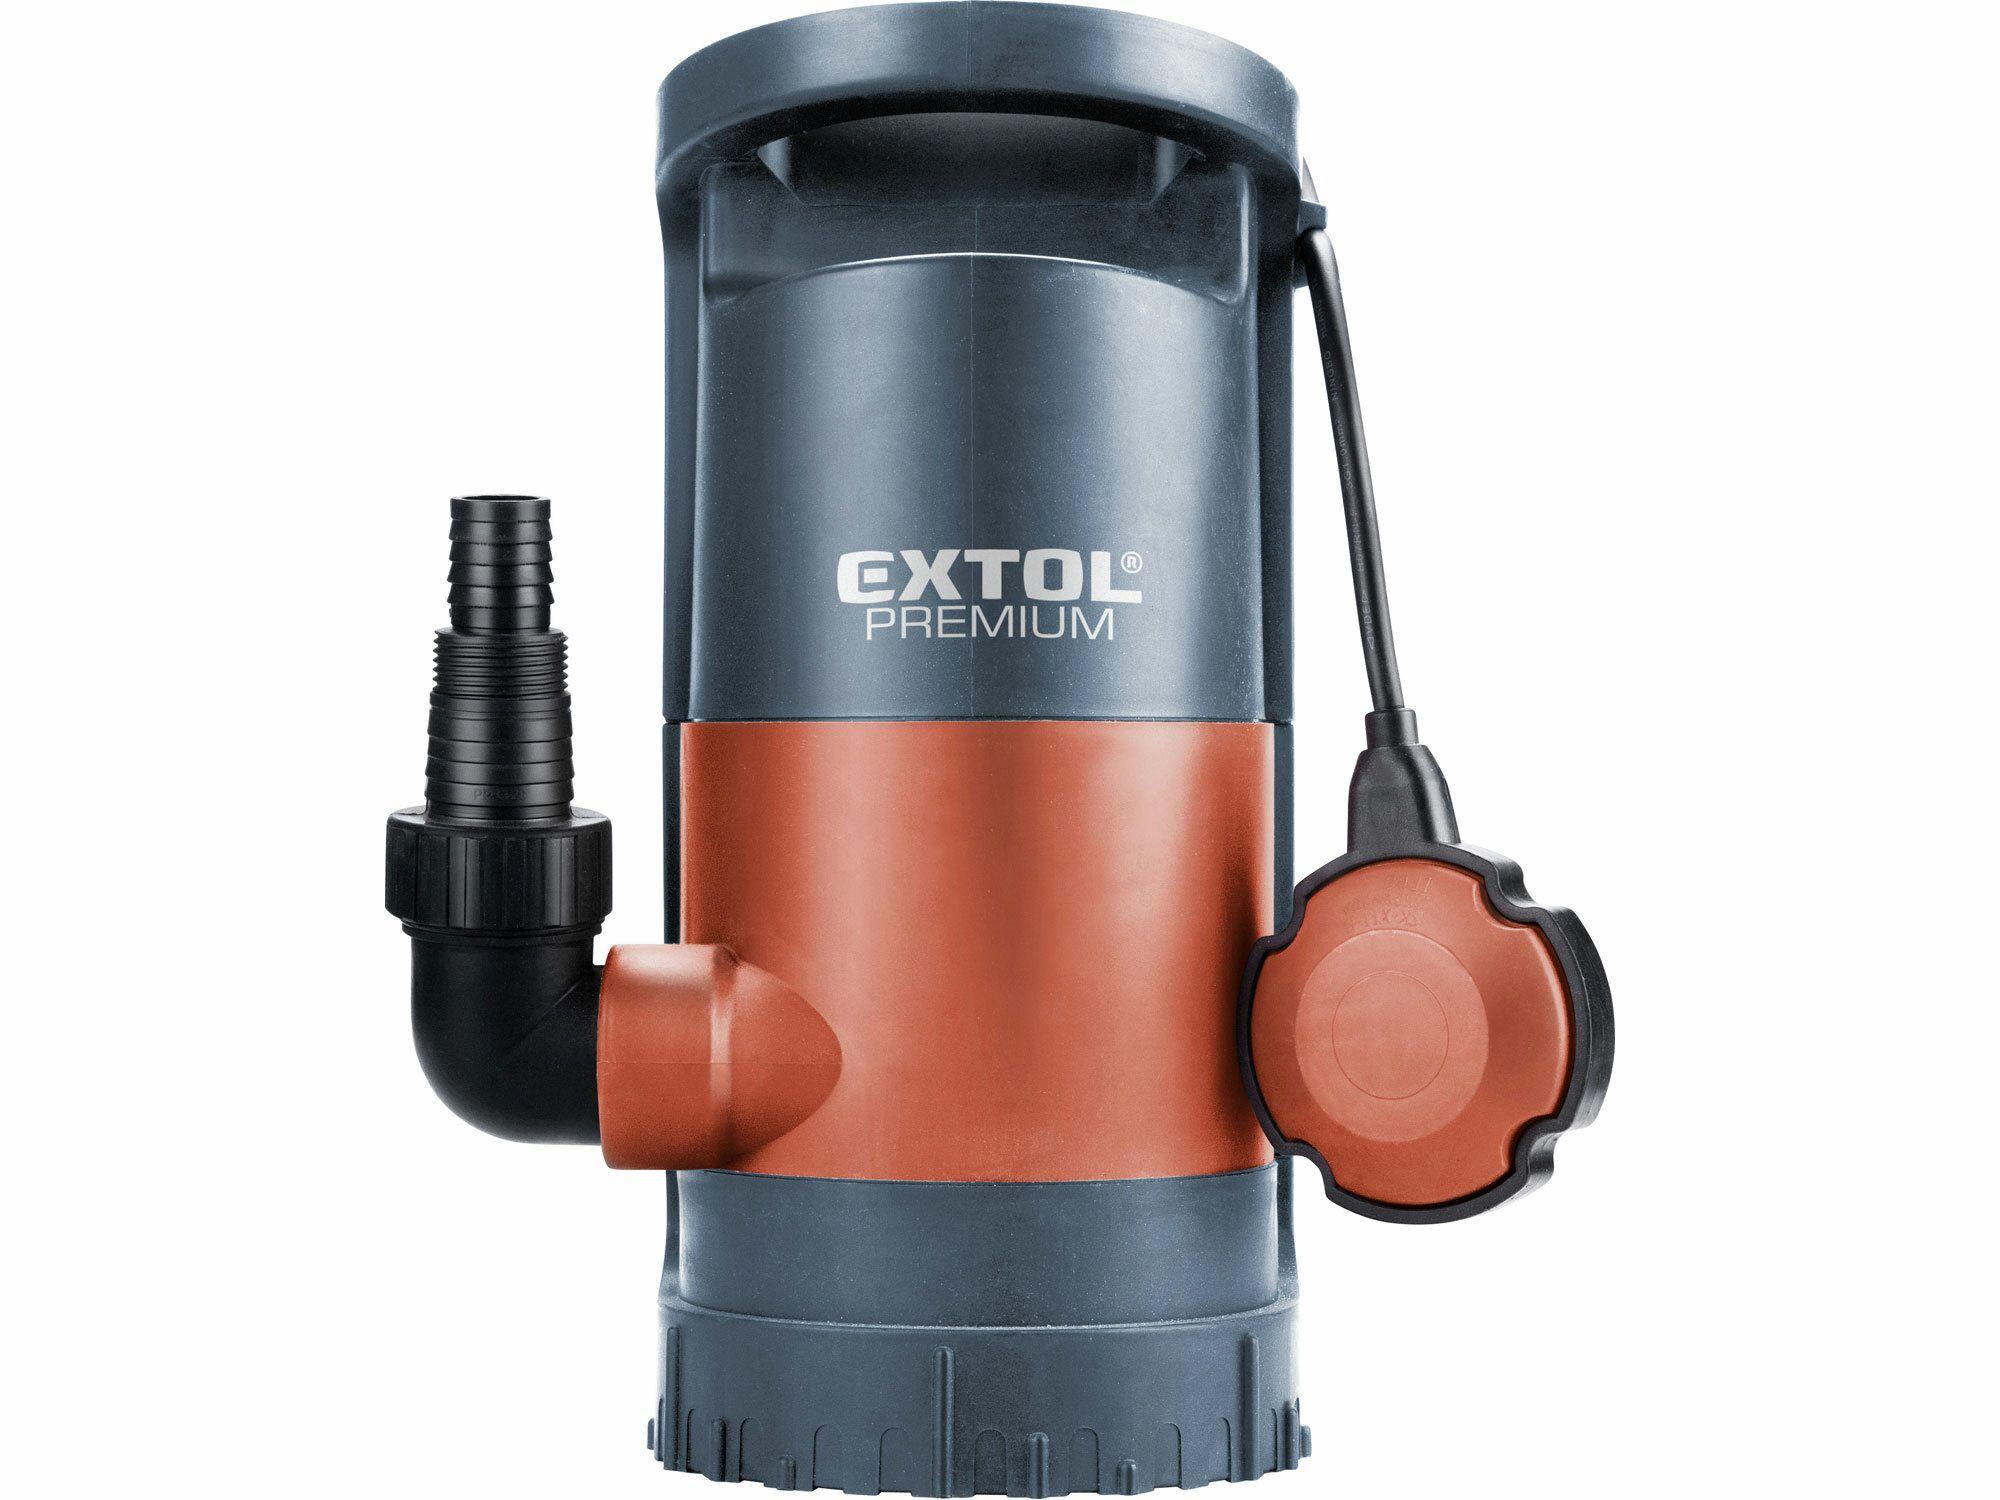 Čerpadlo na znečištěnou vodu 3v1, 900W, 13000l/h, 10m, EXTOL PREMIUM, SP 900, 8895013